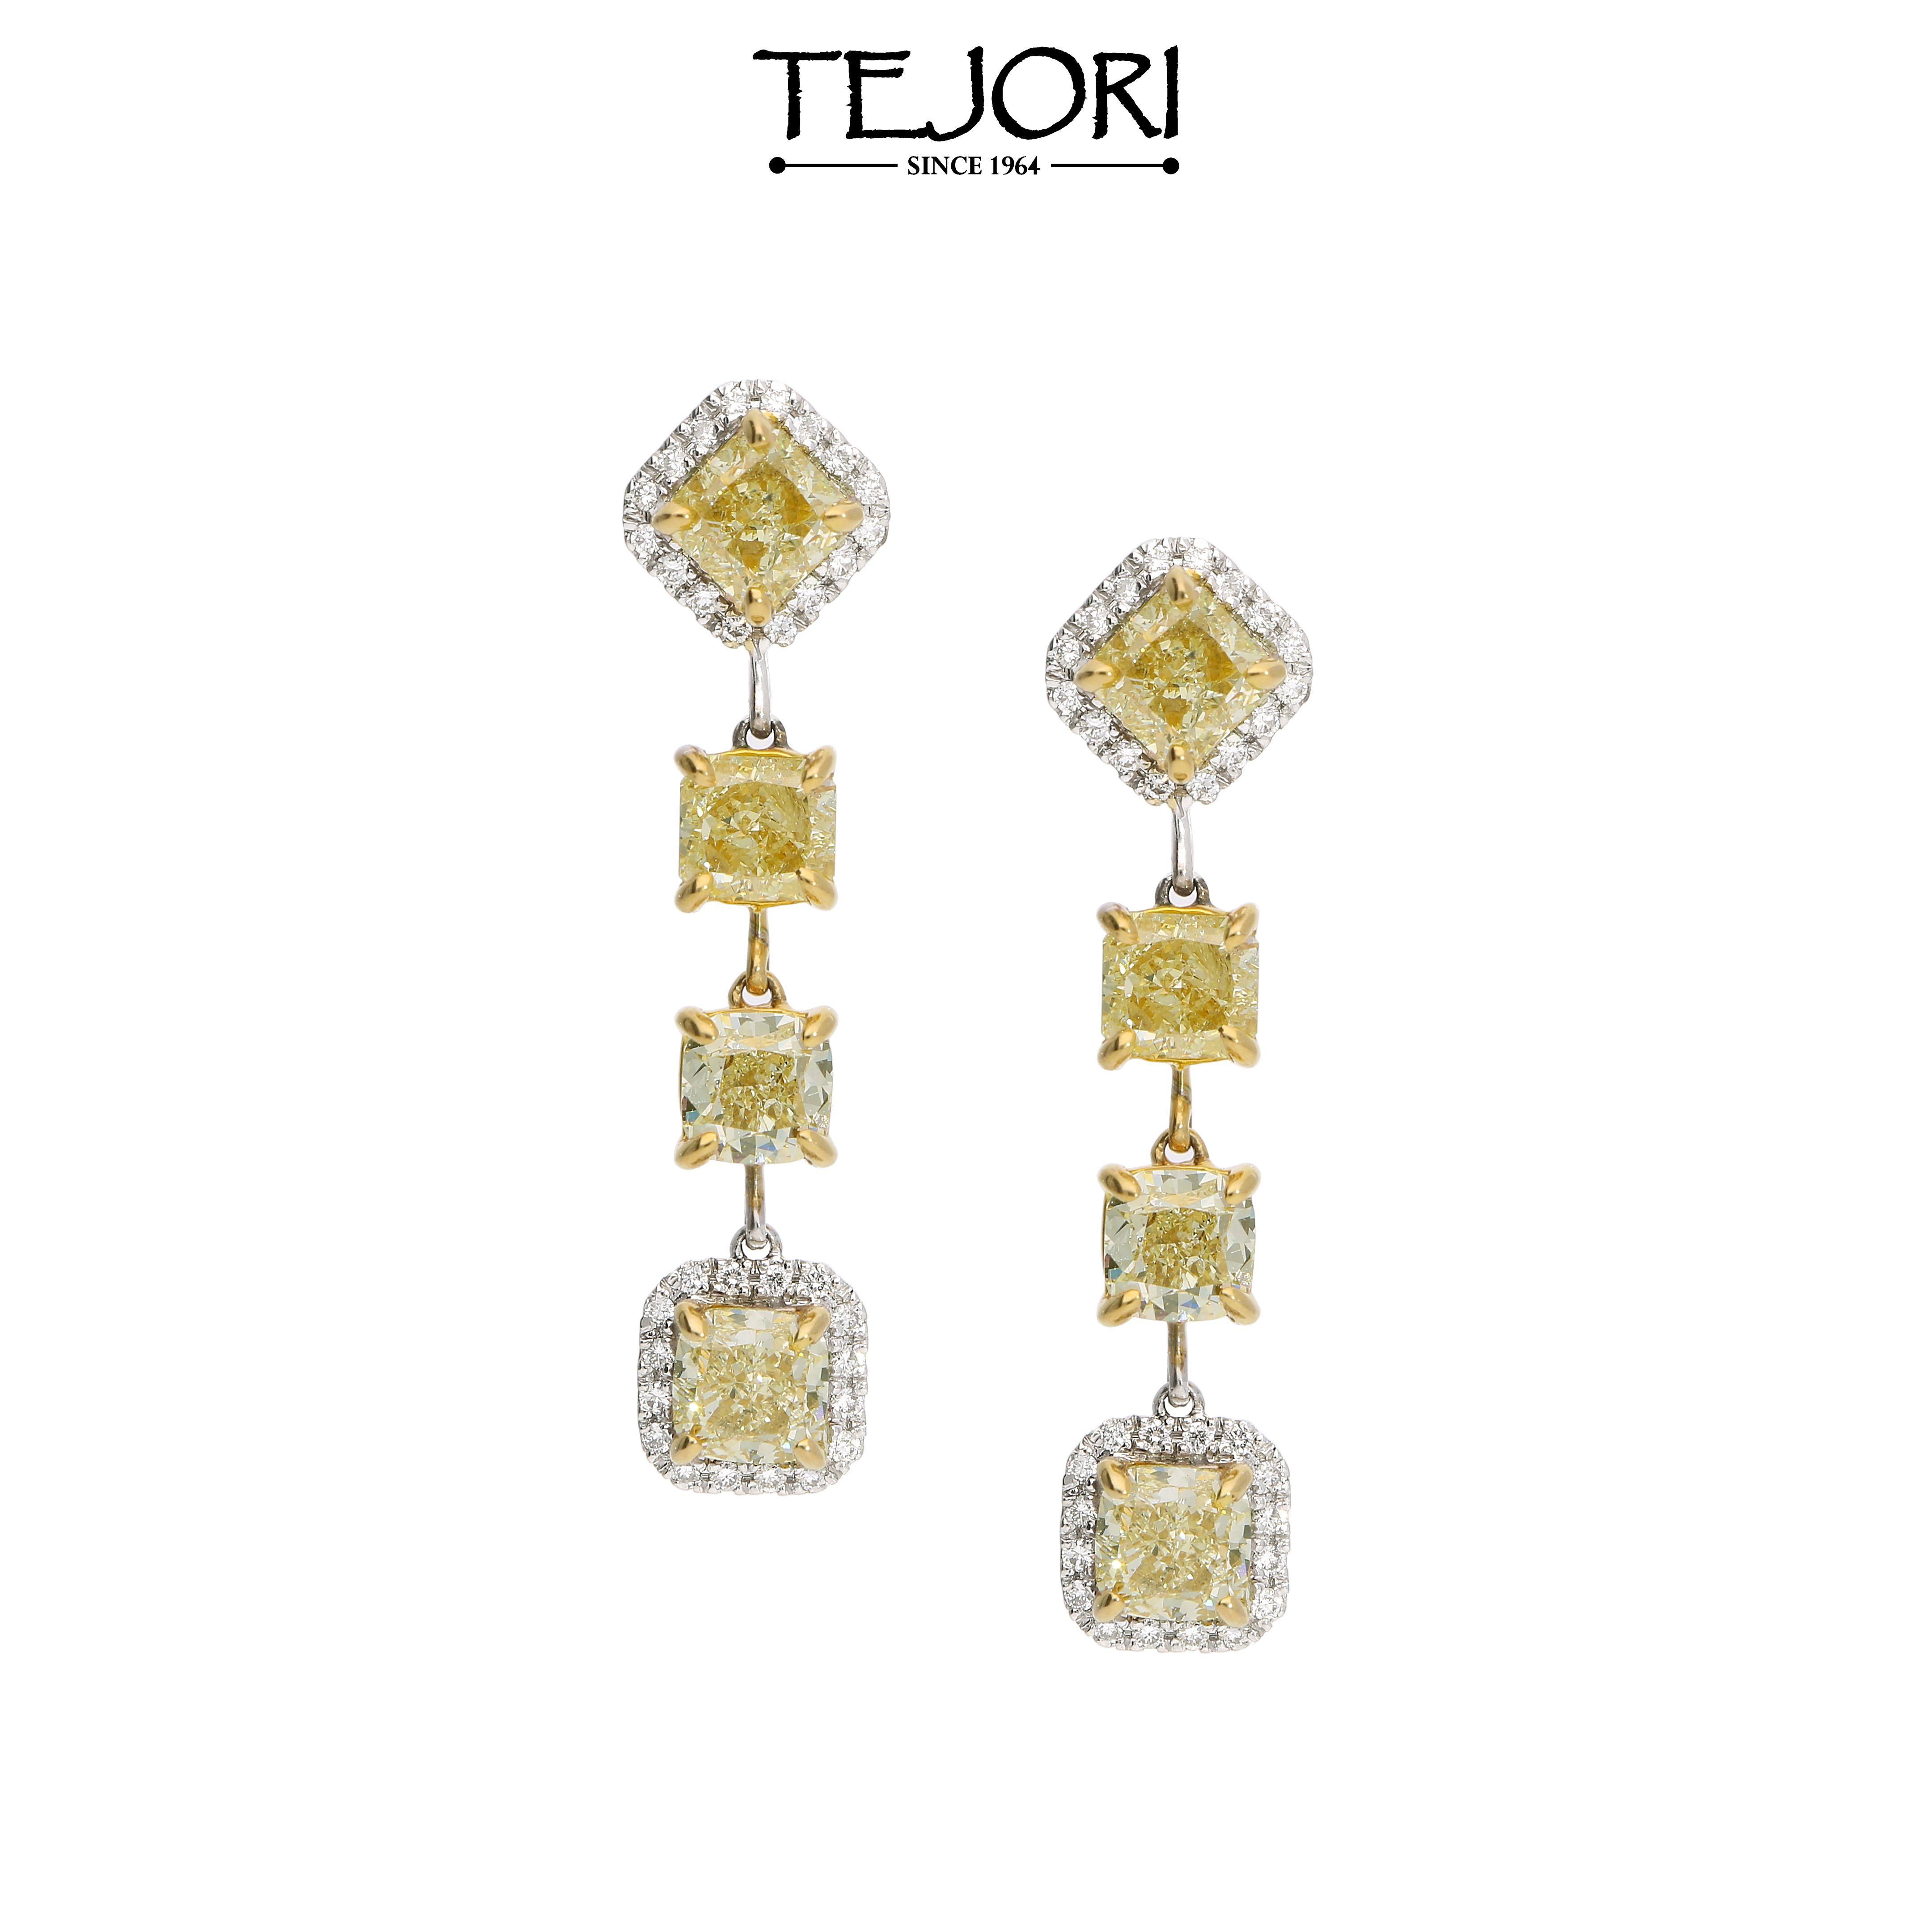 Fancy Yellow Cushion Cut Diamond Earrings In 18k White Gold